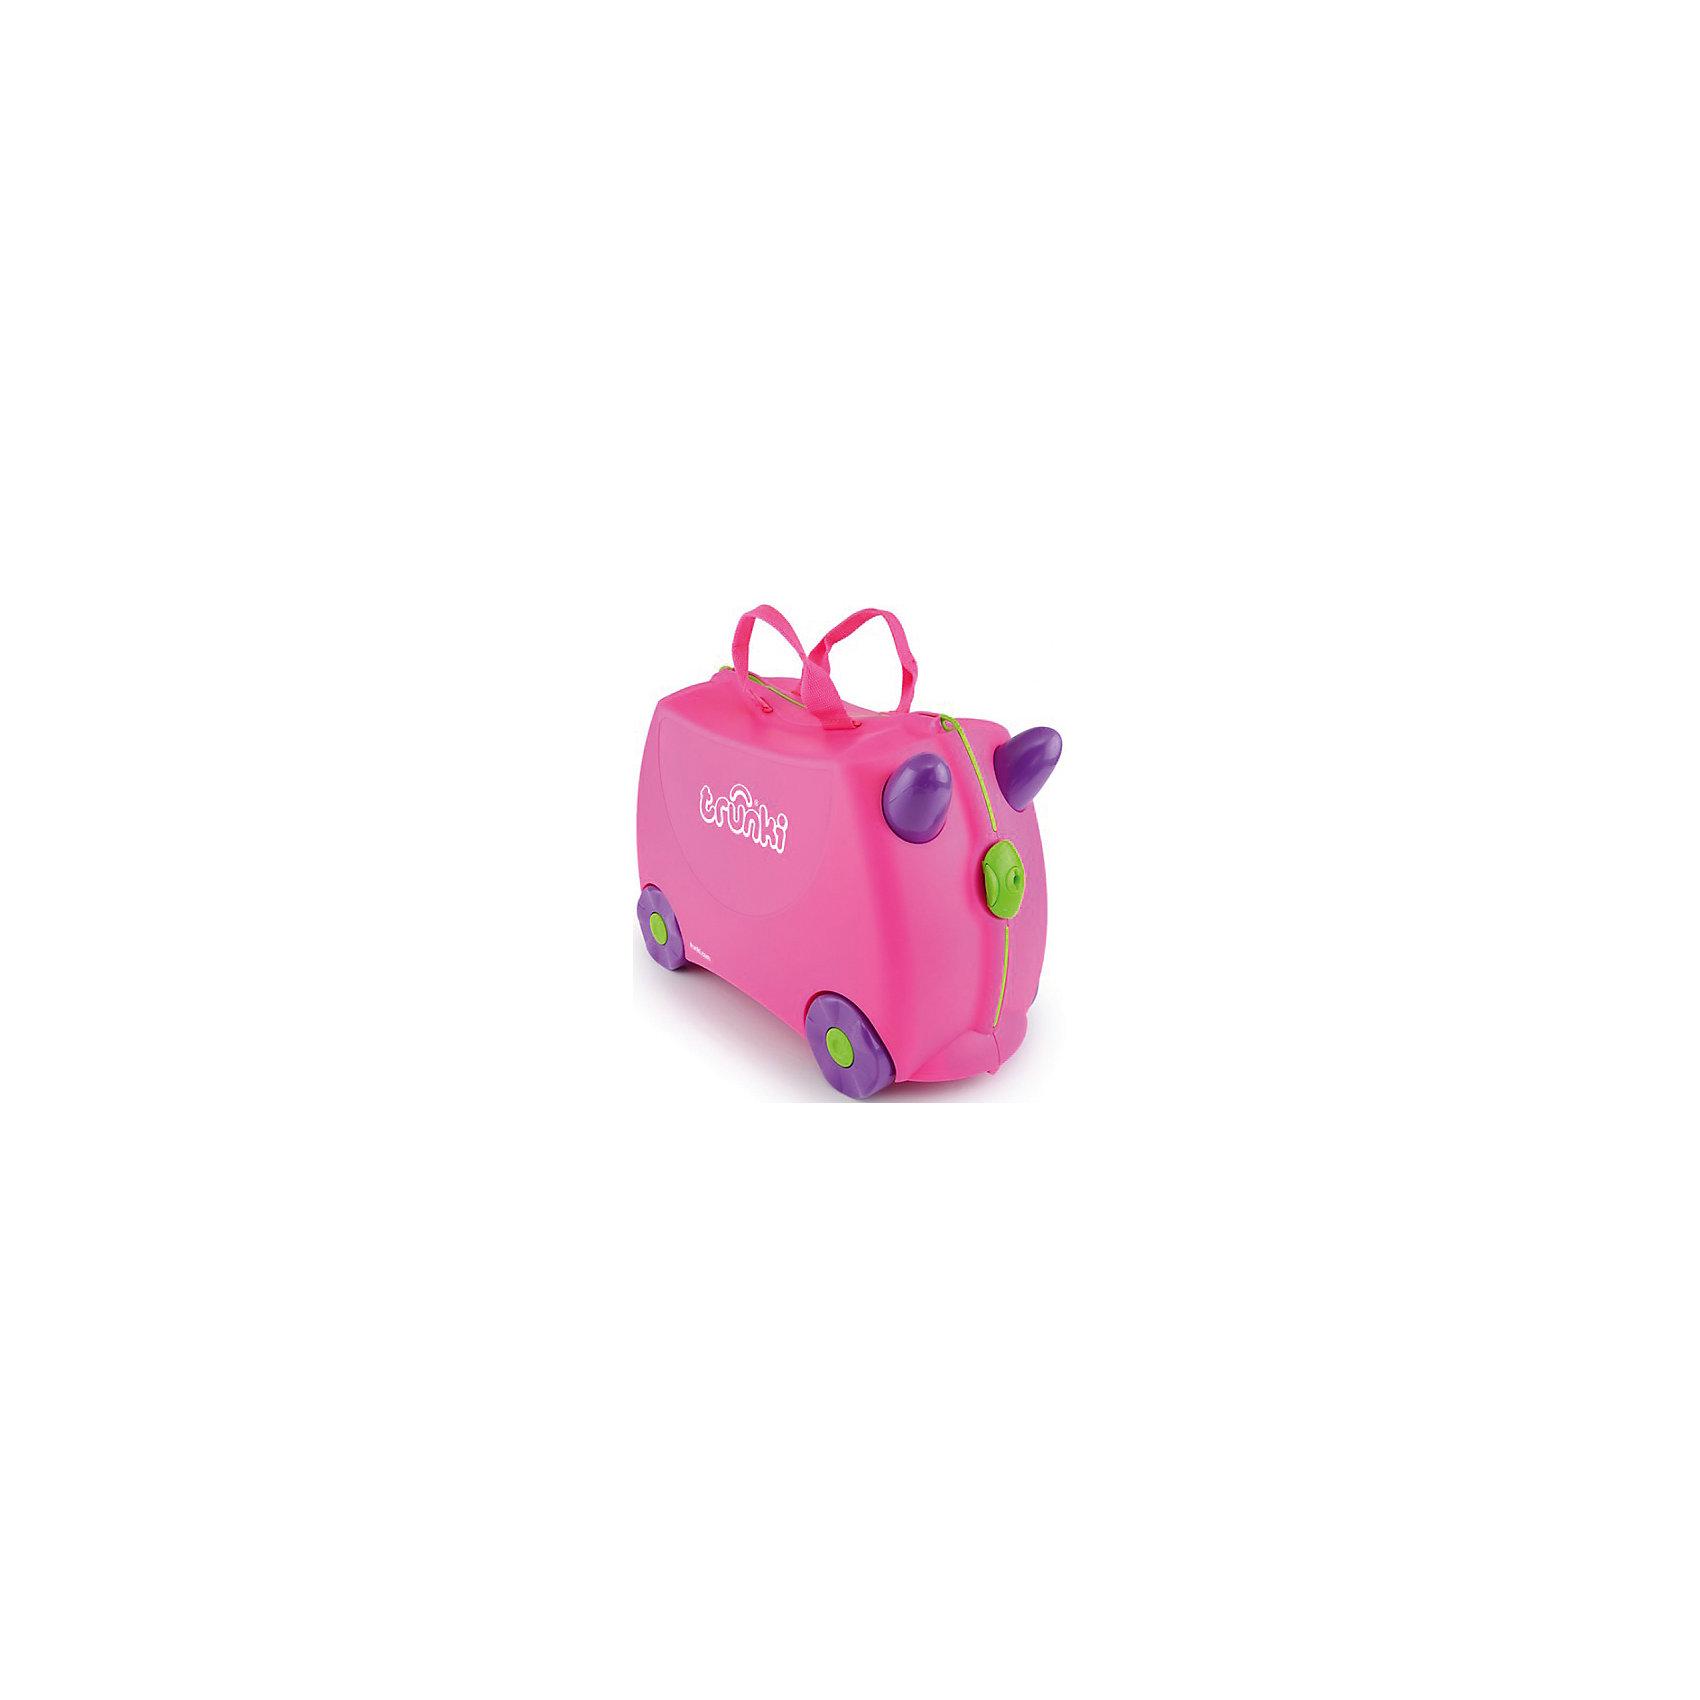 Чемодан на колесиках РозовыйДорожные сумки и чемоданы<br>Вместительный удобный чемодан Розовый - замечательный вариант для маленьких путешественниц. Оригинальный чемодан выполнен из прочного пластика и имеет привлекательный дизайн с ярко-розовой расцветкой. Размеры позволяют брать его в самолет как ручную кладь. Чемоданчик может использоваться как детский стульчик и как оригинальное средство передвижения. Благодаря надежным колесикам, удобной конструкции седла и стабилизаторам малышка ездит на чемодане как на каталке, отталкиваясь ножками и держась за рожки. <br><br>Чемодан оснащен удобными ручками для переноски и надежным замком с ключиком. С помощью ручного буксировочного ремня его можно везти по полу или нести на плече. Внутри просторное двустворчатое отделение для одежды и дорожных принадлежностей с ремнями для фиксации одежды, а также потайные секретные отсеки для мелочей. Все детали выполнены из экологически чистых, безопасных для детского здоровья материалов. Собственный чемодан для путешествий позволит ребенку почувствовать себя взрослым и самостоятельным.<br><br>Дополнительная информация:<br><br>- Материал: высококачественный пластик.<br>- Объем: 18 л.<br>- Максимальная нагрузка: 45 кг.<br>- Размер чемодана: 46 х 20,5 х 31 см.<br>- Вес: 1,7 кг.<br><br>Чемодан на колесиках Розовый, Trunki, можно купить в нашем интернет-магазине.<br><br>Ширина мм: 480<br>Глубина мм: 335<br>Высота мм: 230<br>Вес г: 2200<br>Возраст от месяцев: 36<br>Возраст до месяцев: 72<br>Пол: Женский<br>Возраст: Детский<br>SKU: 1607201